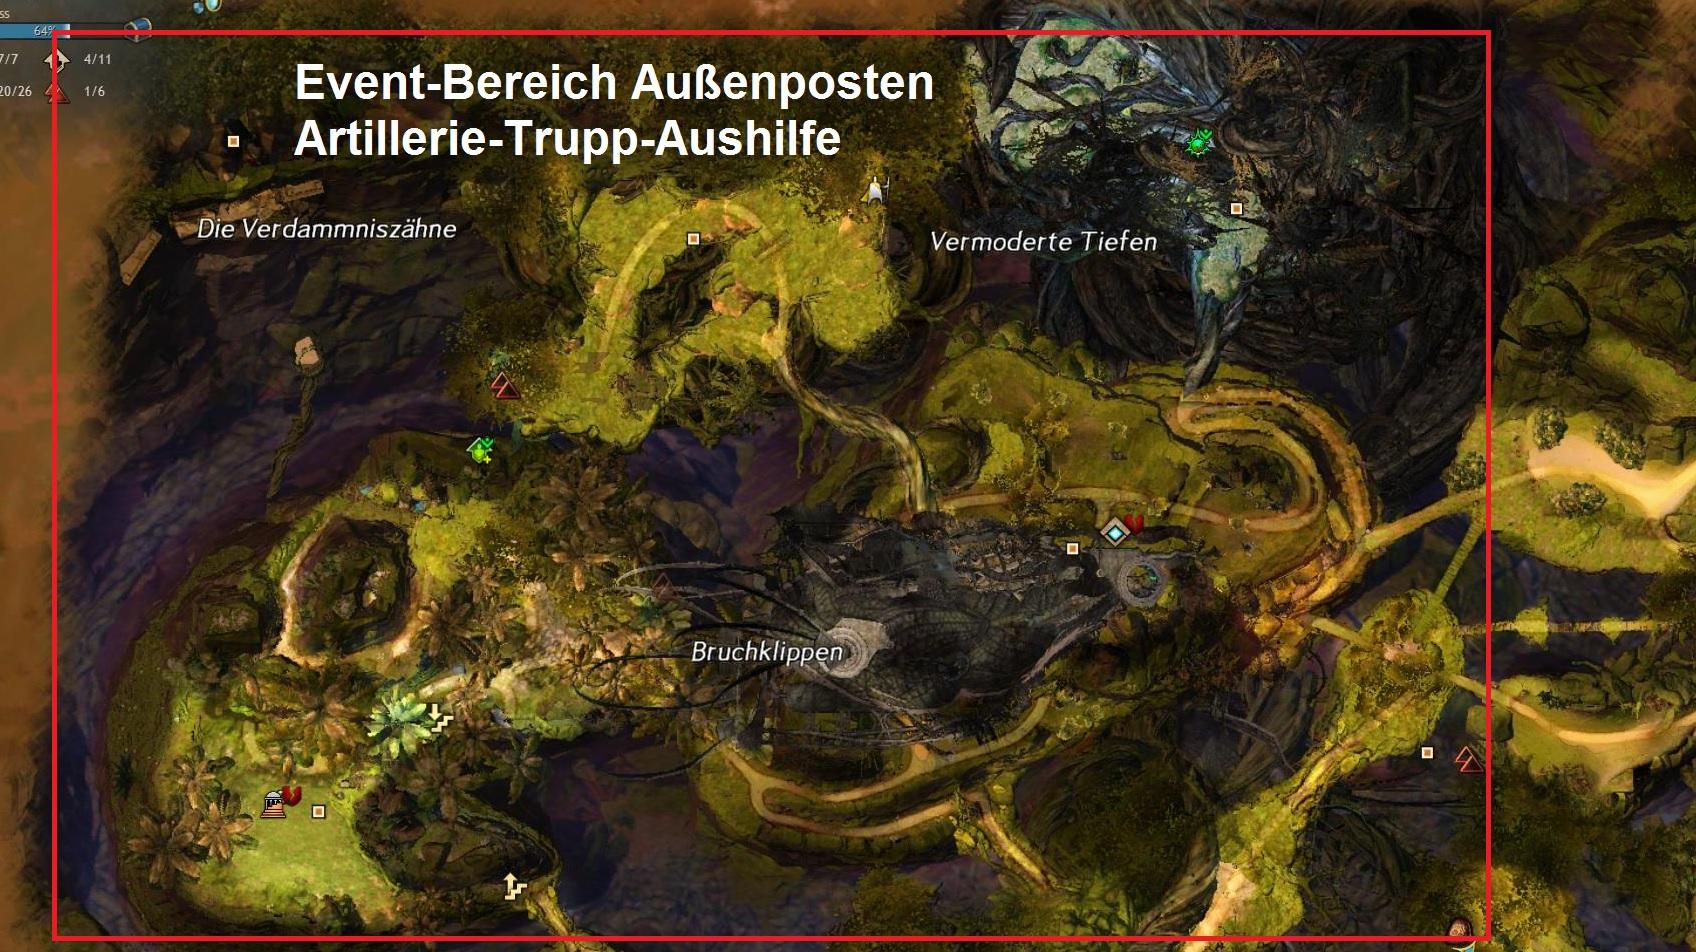 Artillerie-Trupp-Aushilfe